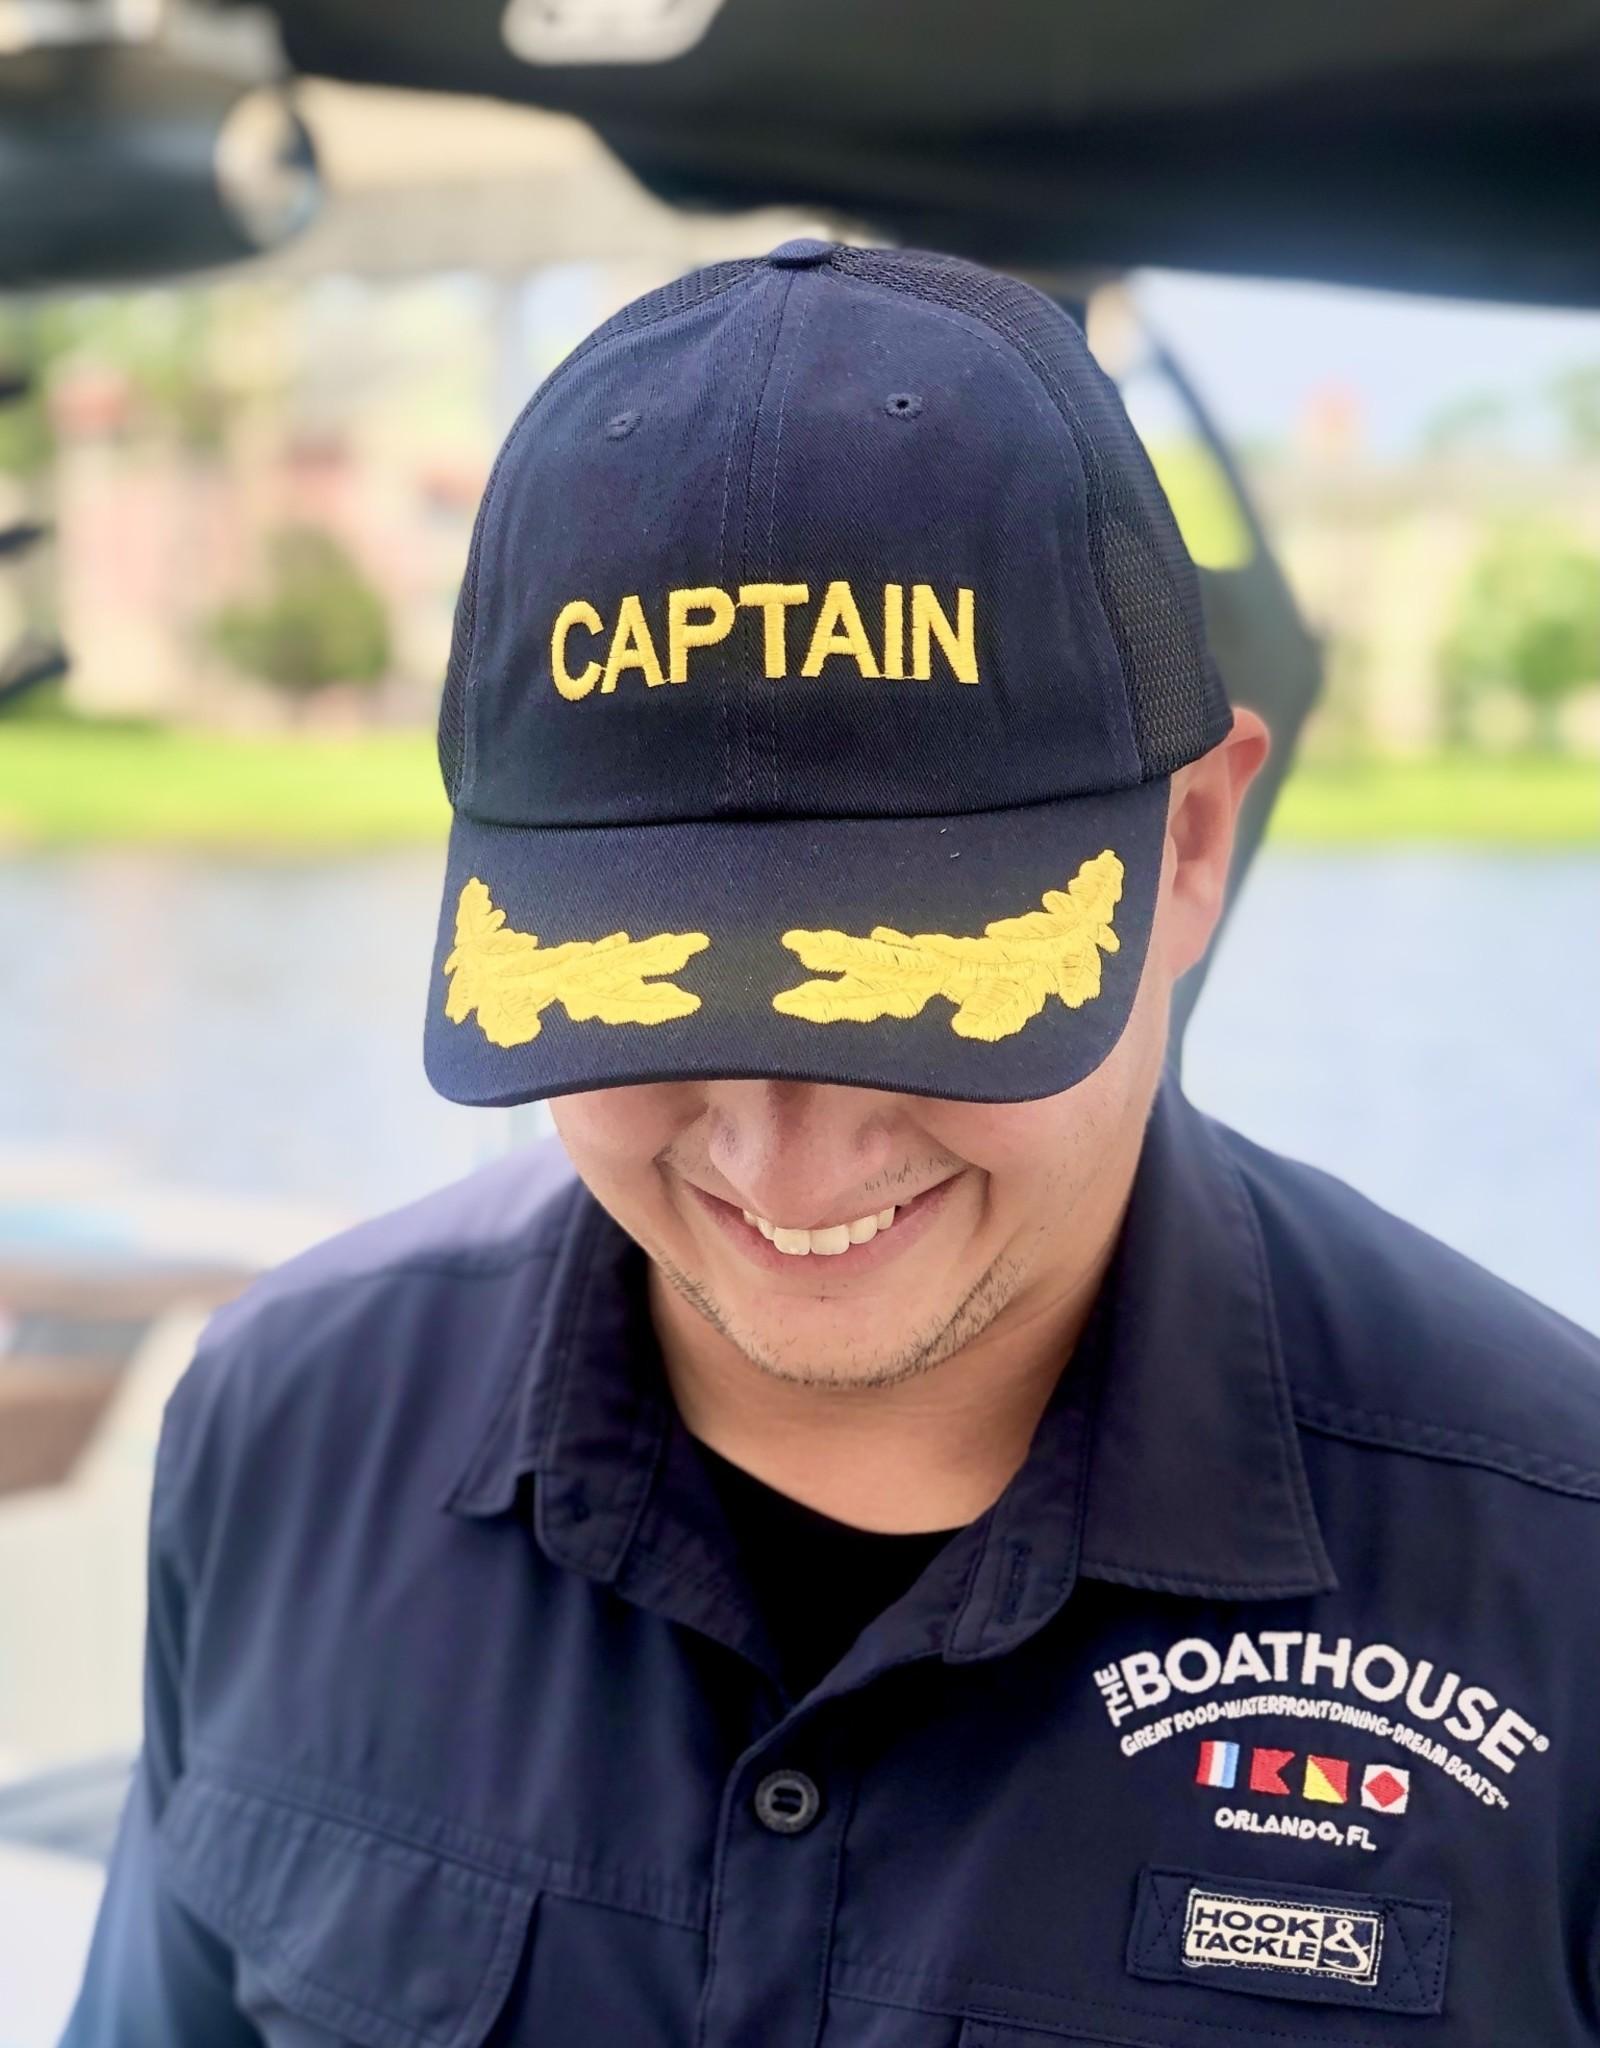 Dorfman Pacific BOATHOUSE CAPTAIN MESH BACK HAT